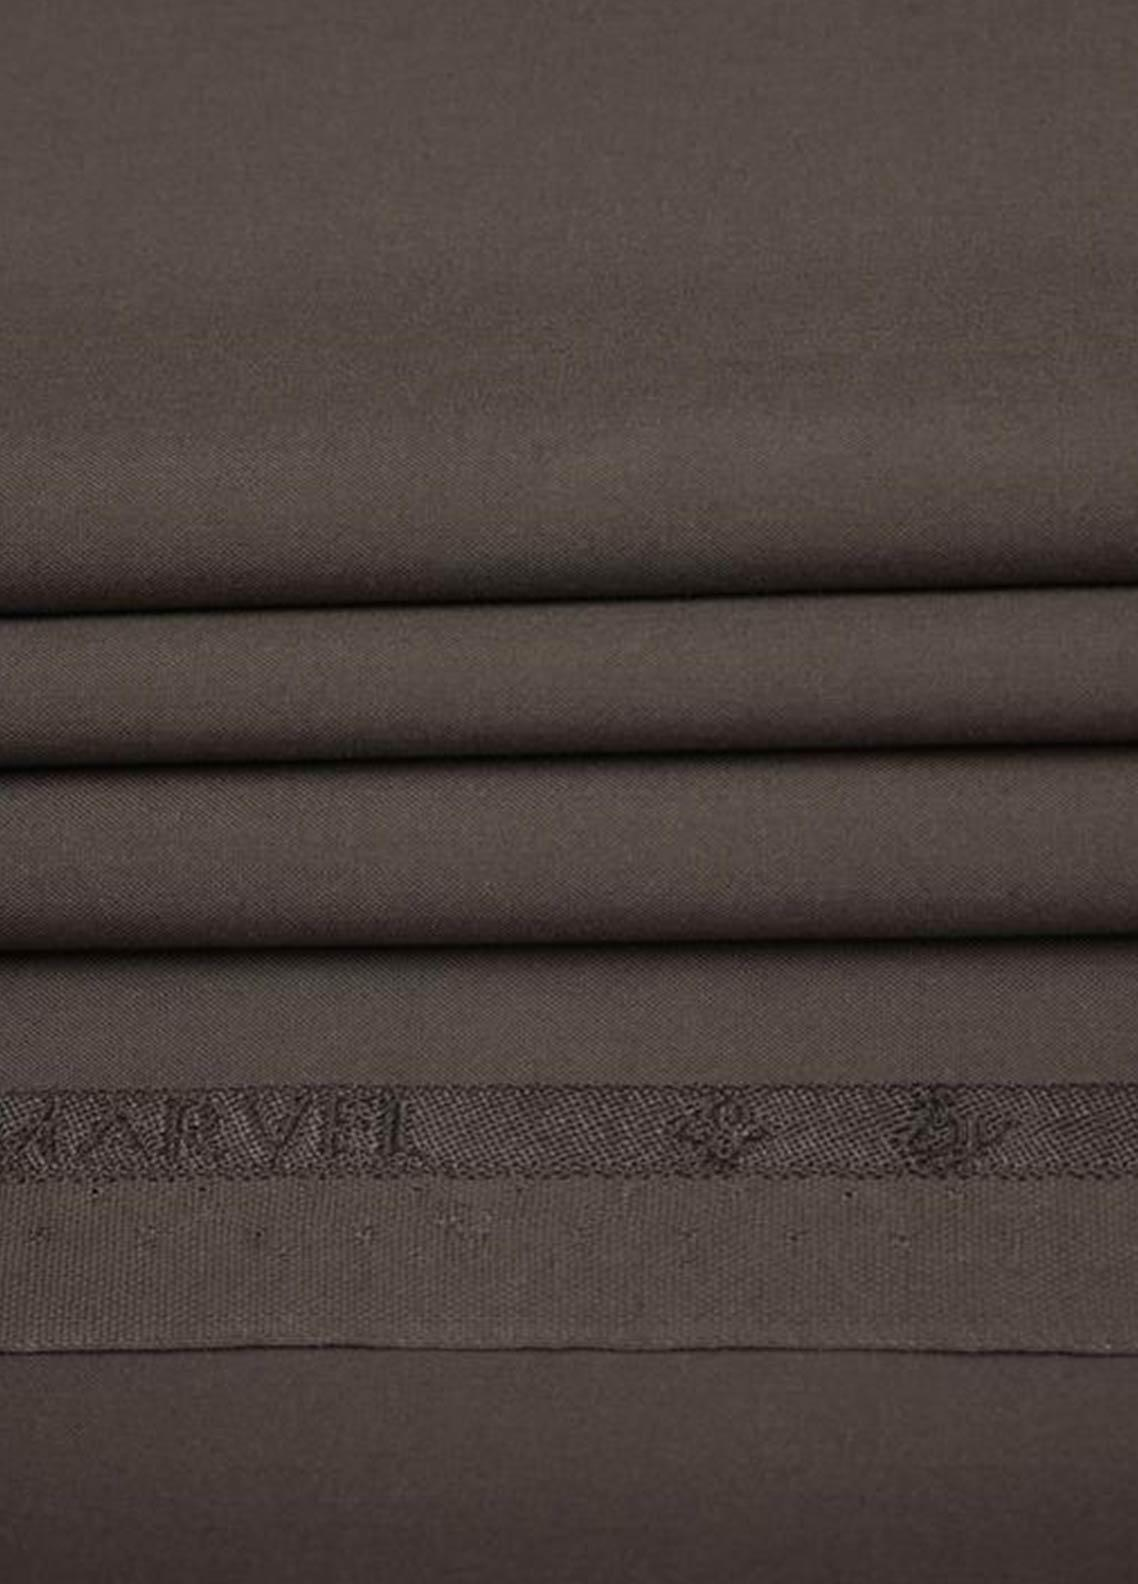 Dynasty Marvel Wash N Wear Unstitched Men's Kameez Shalwar Fabric